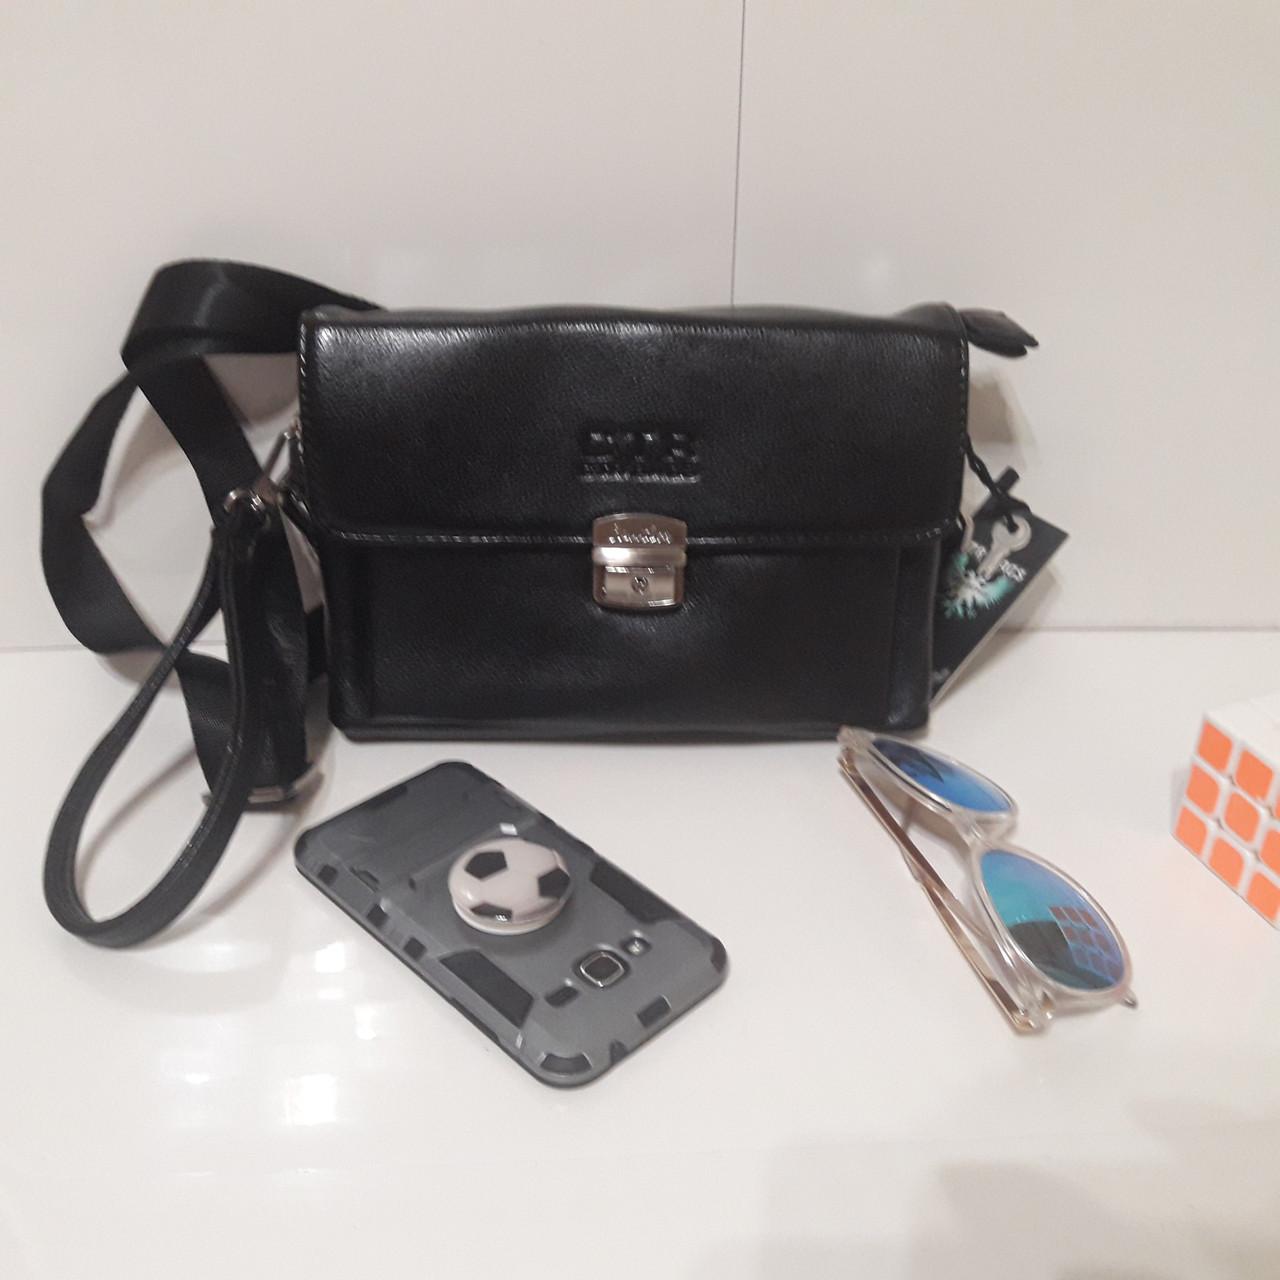 Мужская сумка барсетка 24 х 17 х 7 см черная городская искусственная кожа